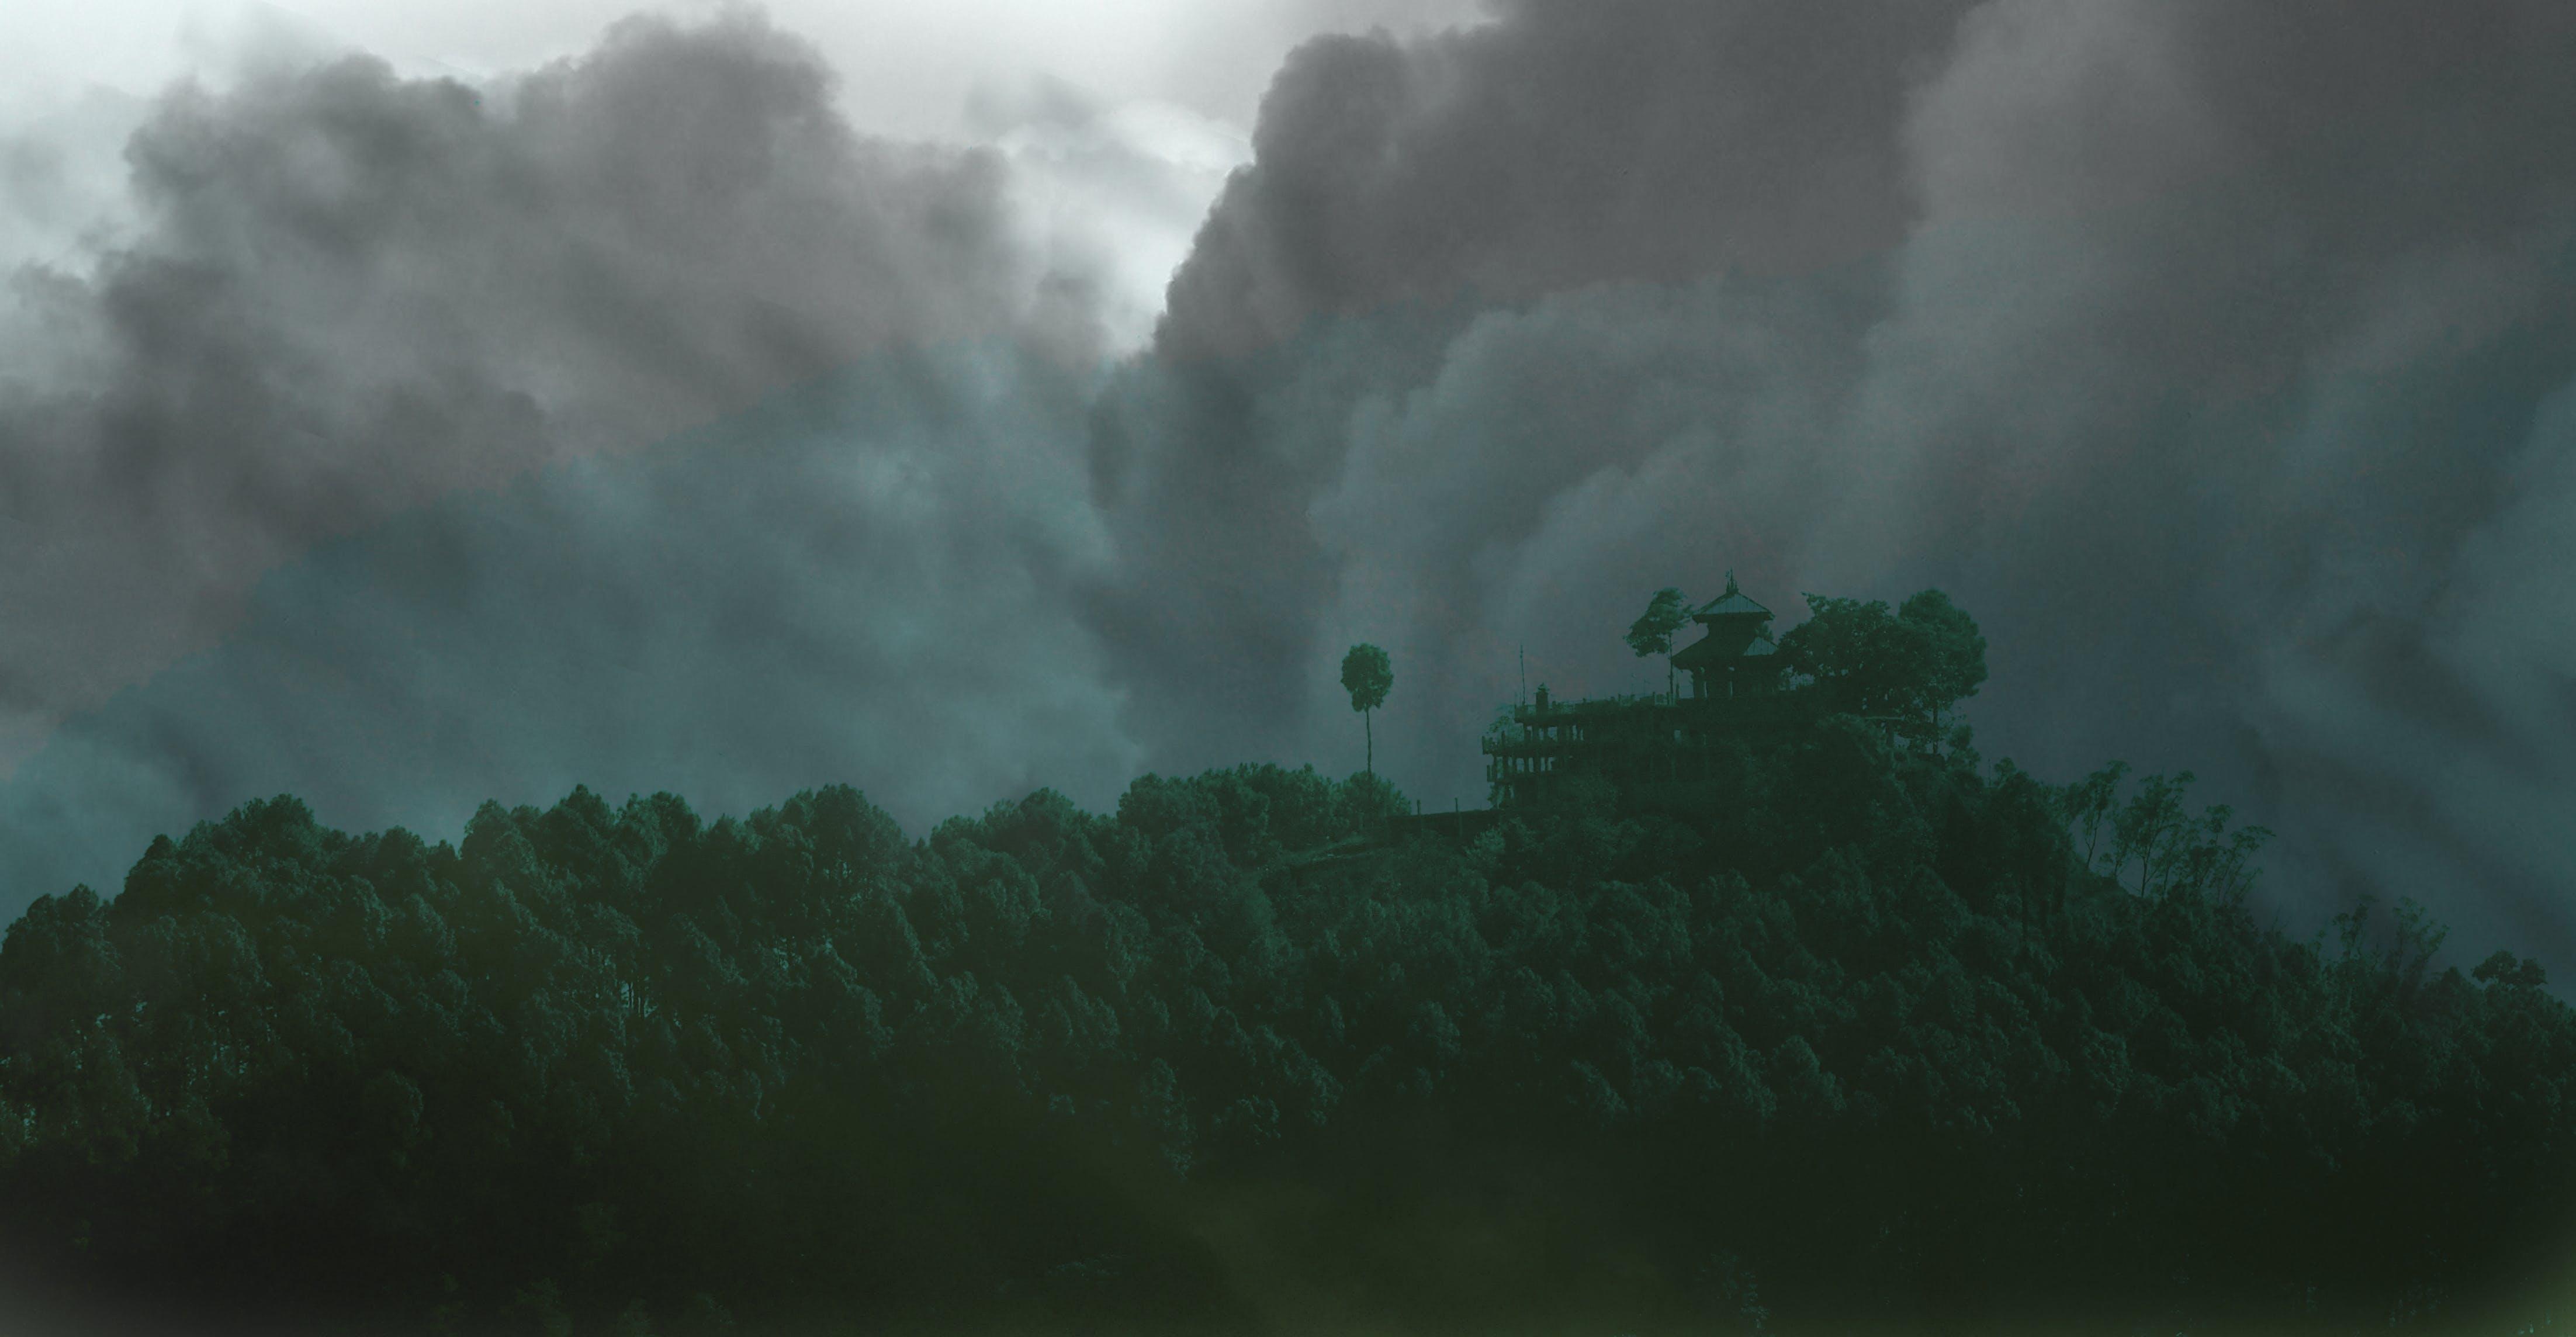 açık, afet, ağaçlar, bulutlar içeren Ücretsiz stok fotoğraf